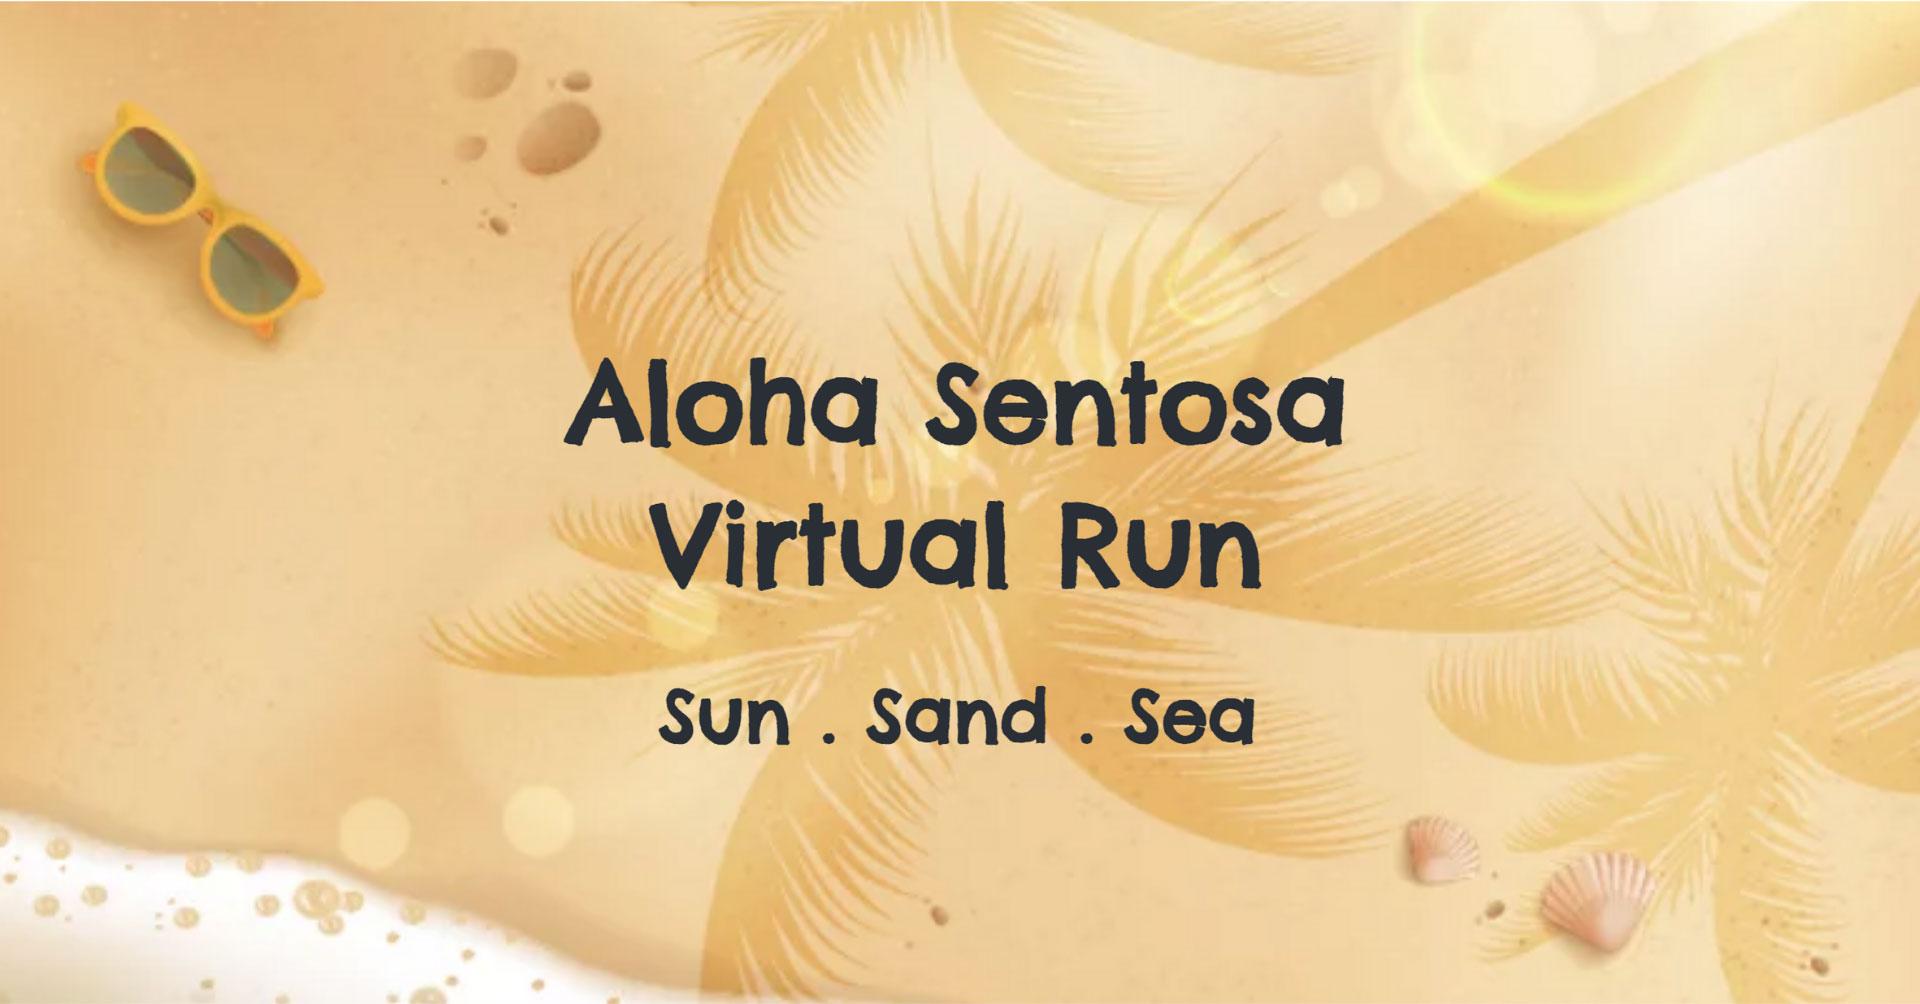 Logo of Aloha Sentosa Virtual Run 2021